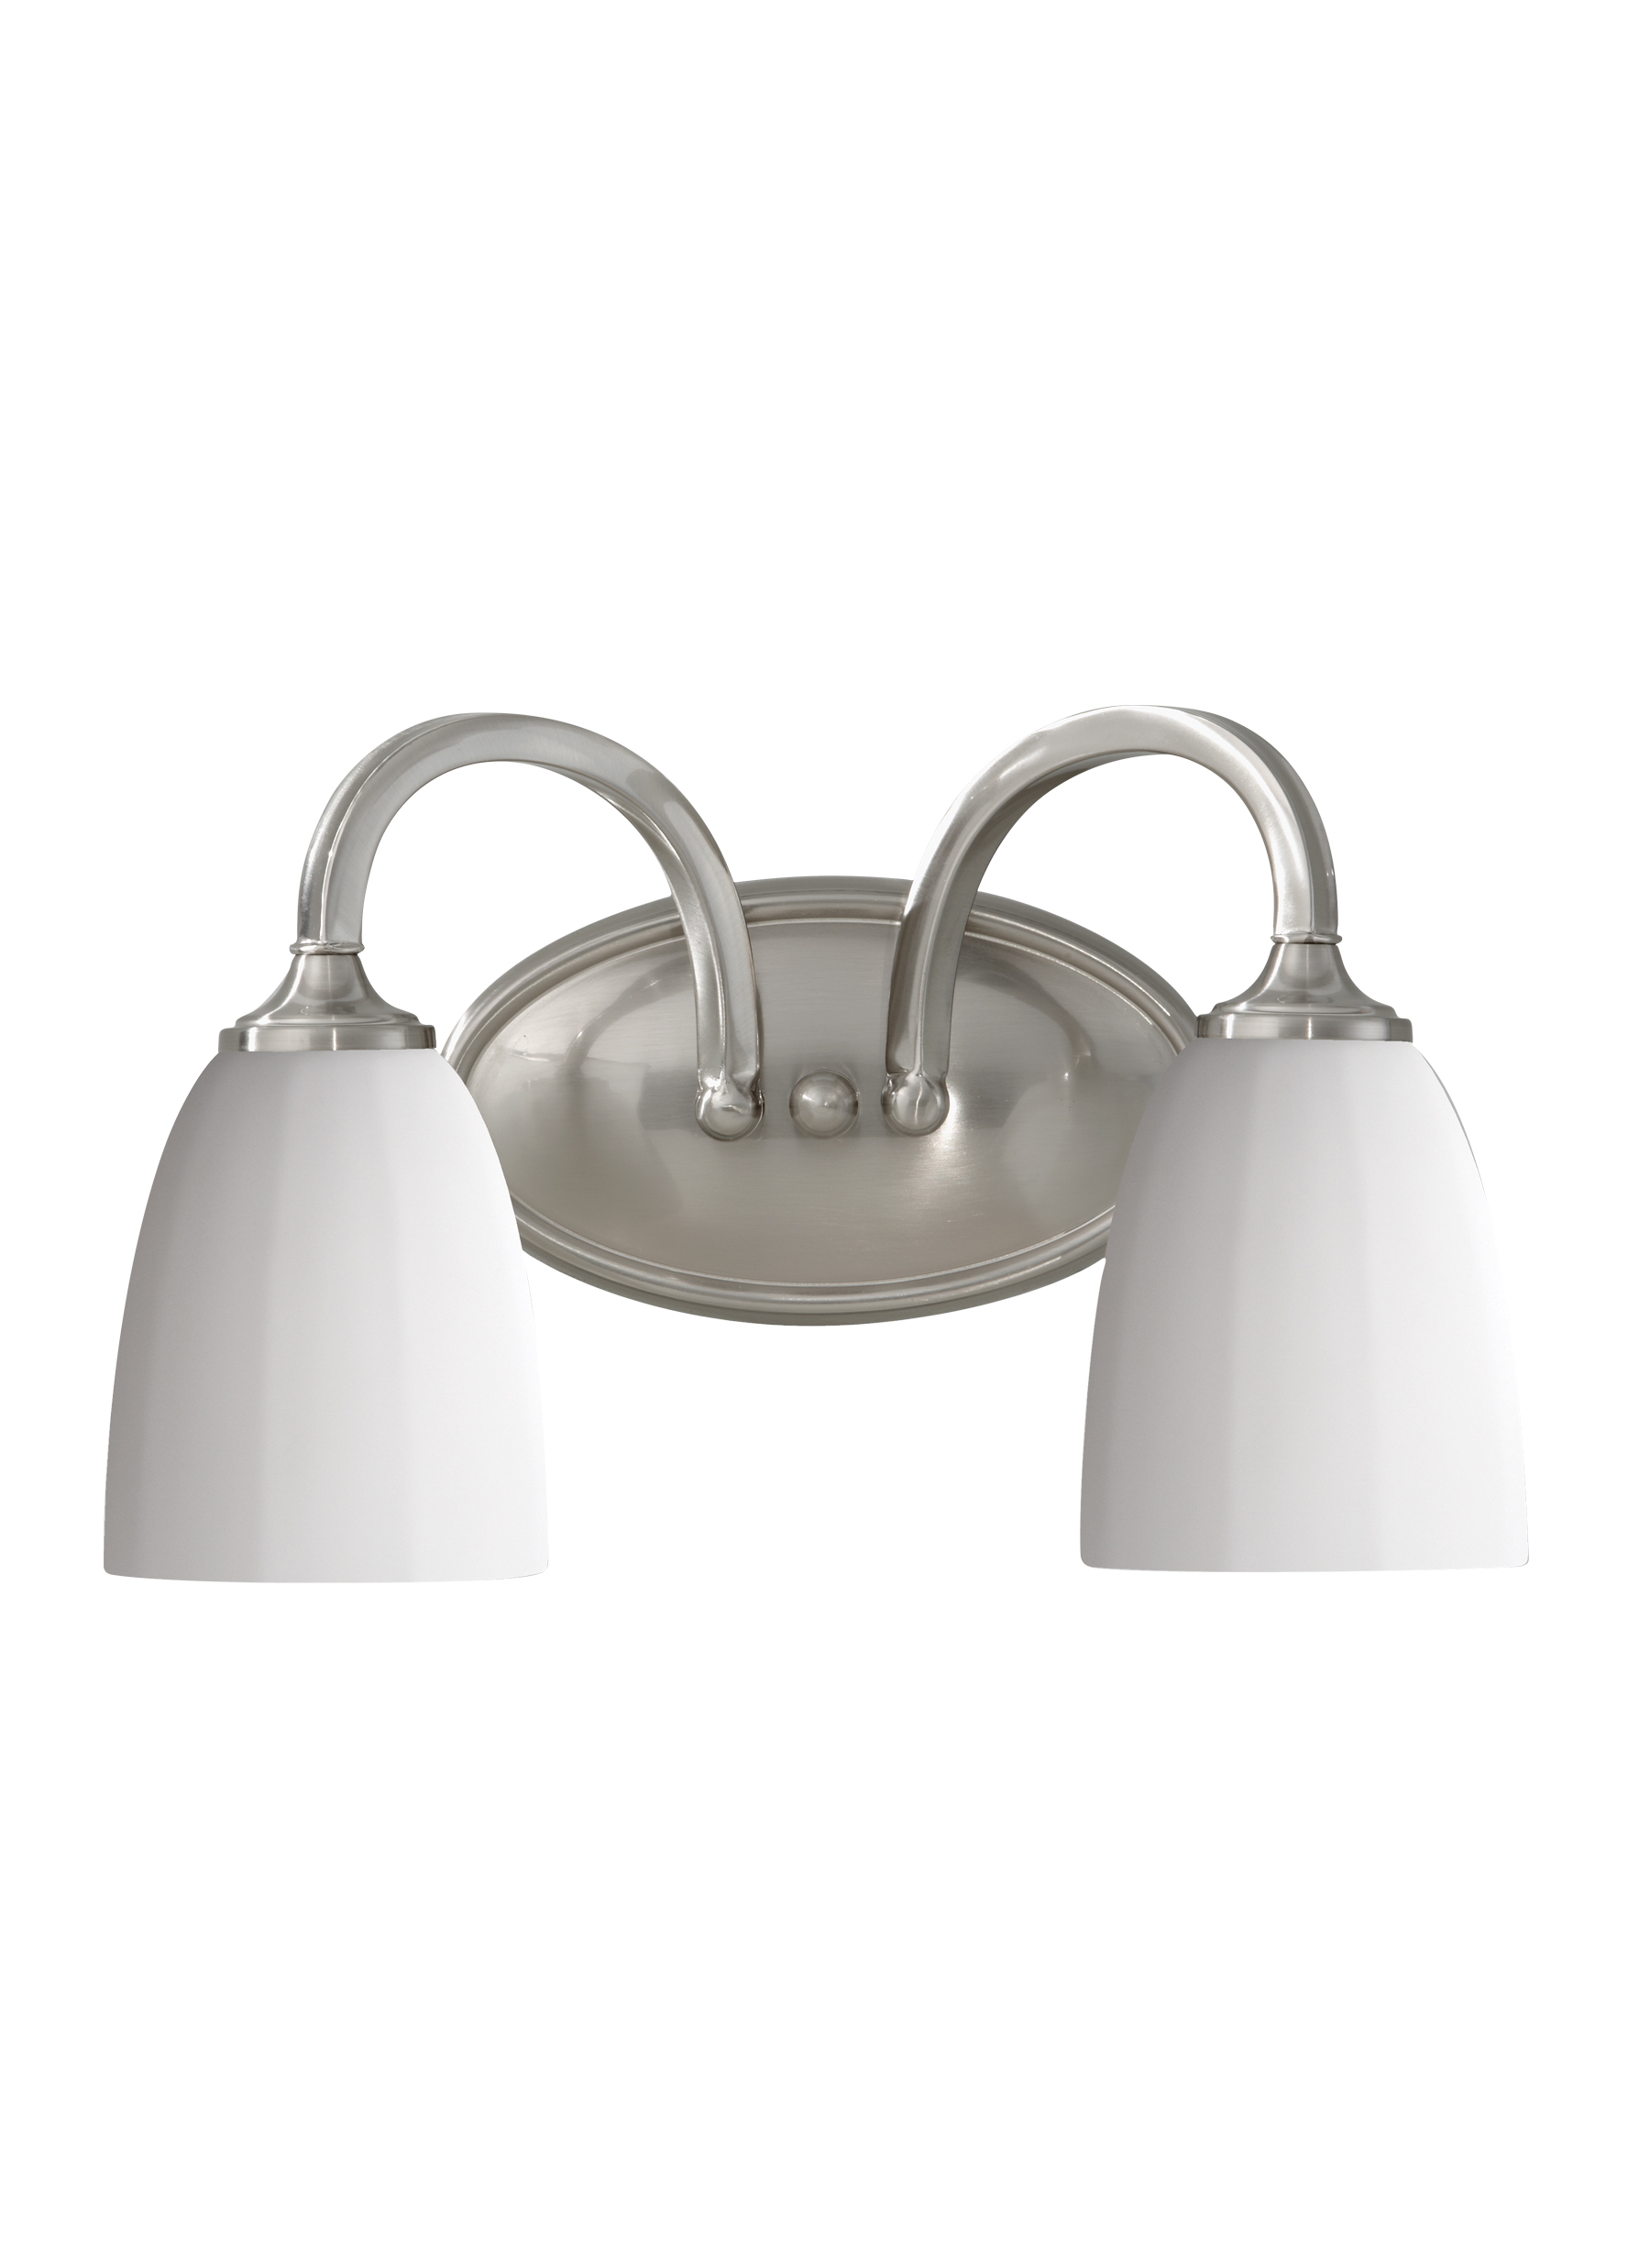 Vs17402 Bs 2 Light Vanity Fixture Brushed Steel